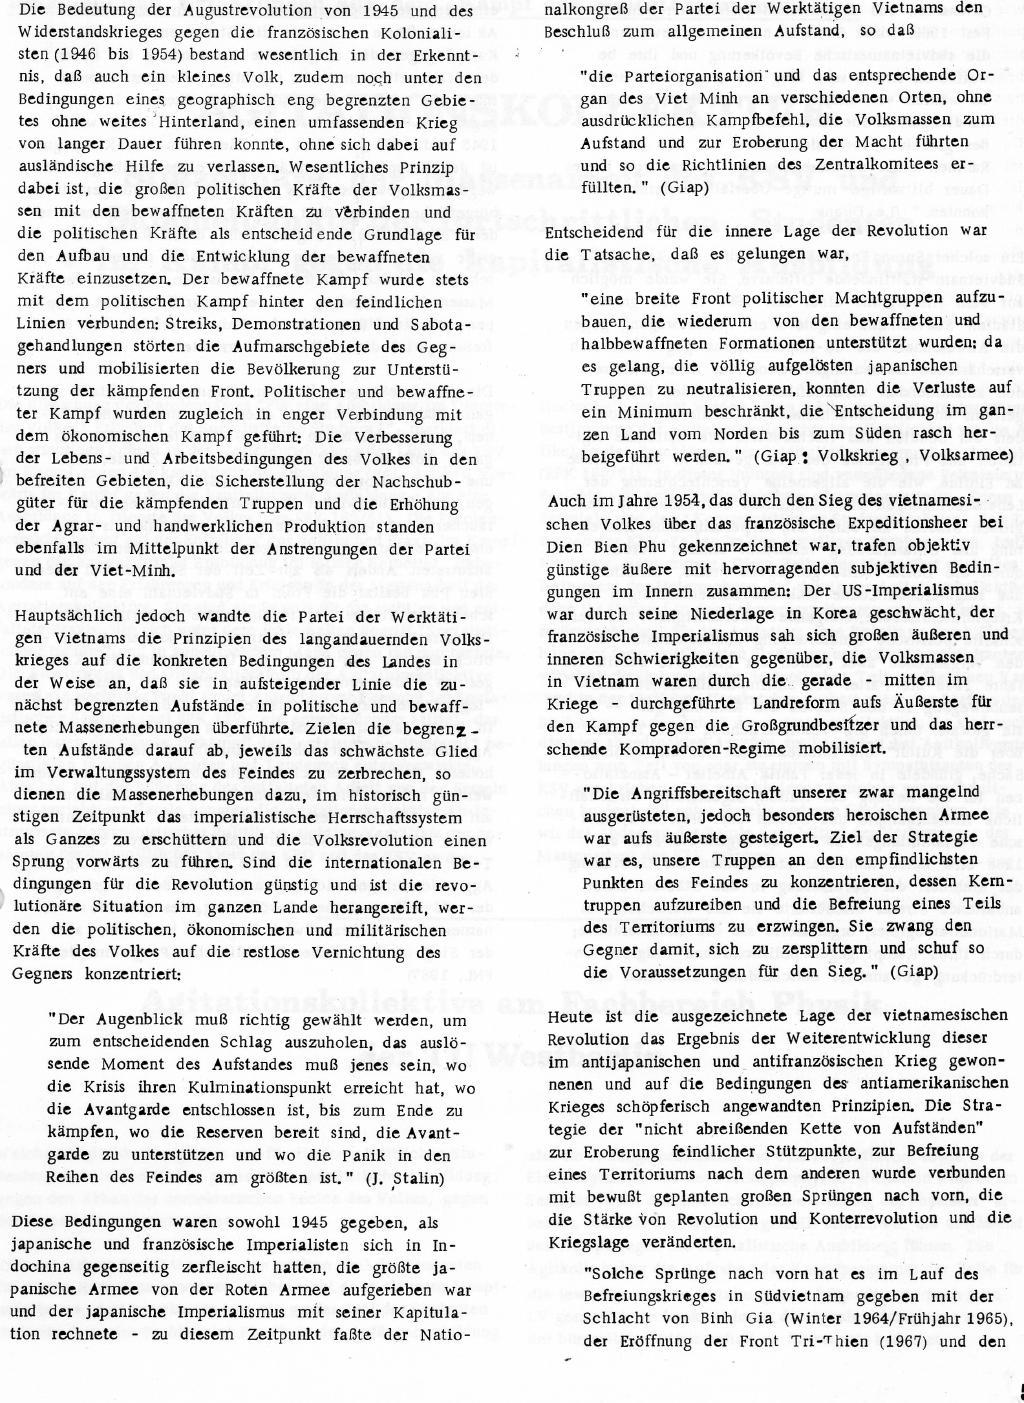 RPK_1972_167_05